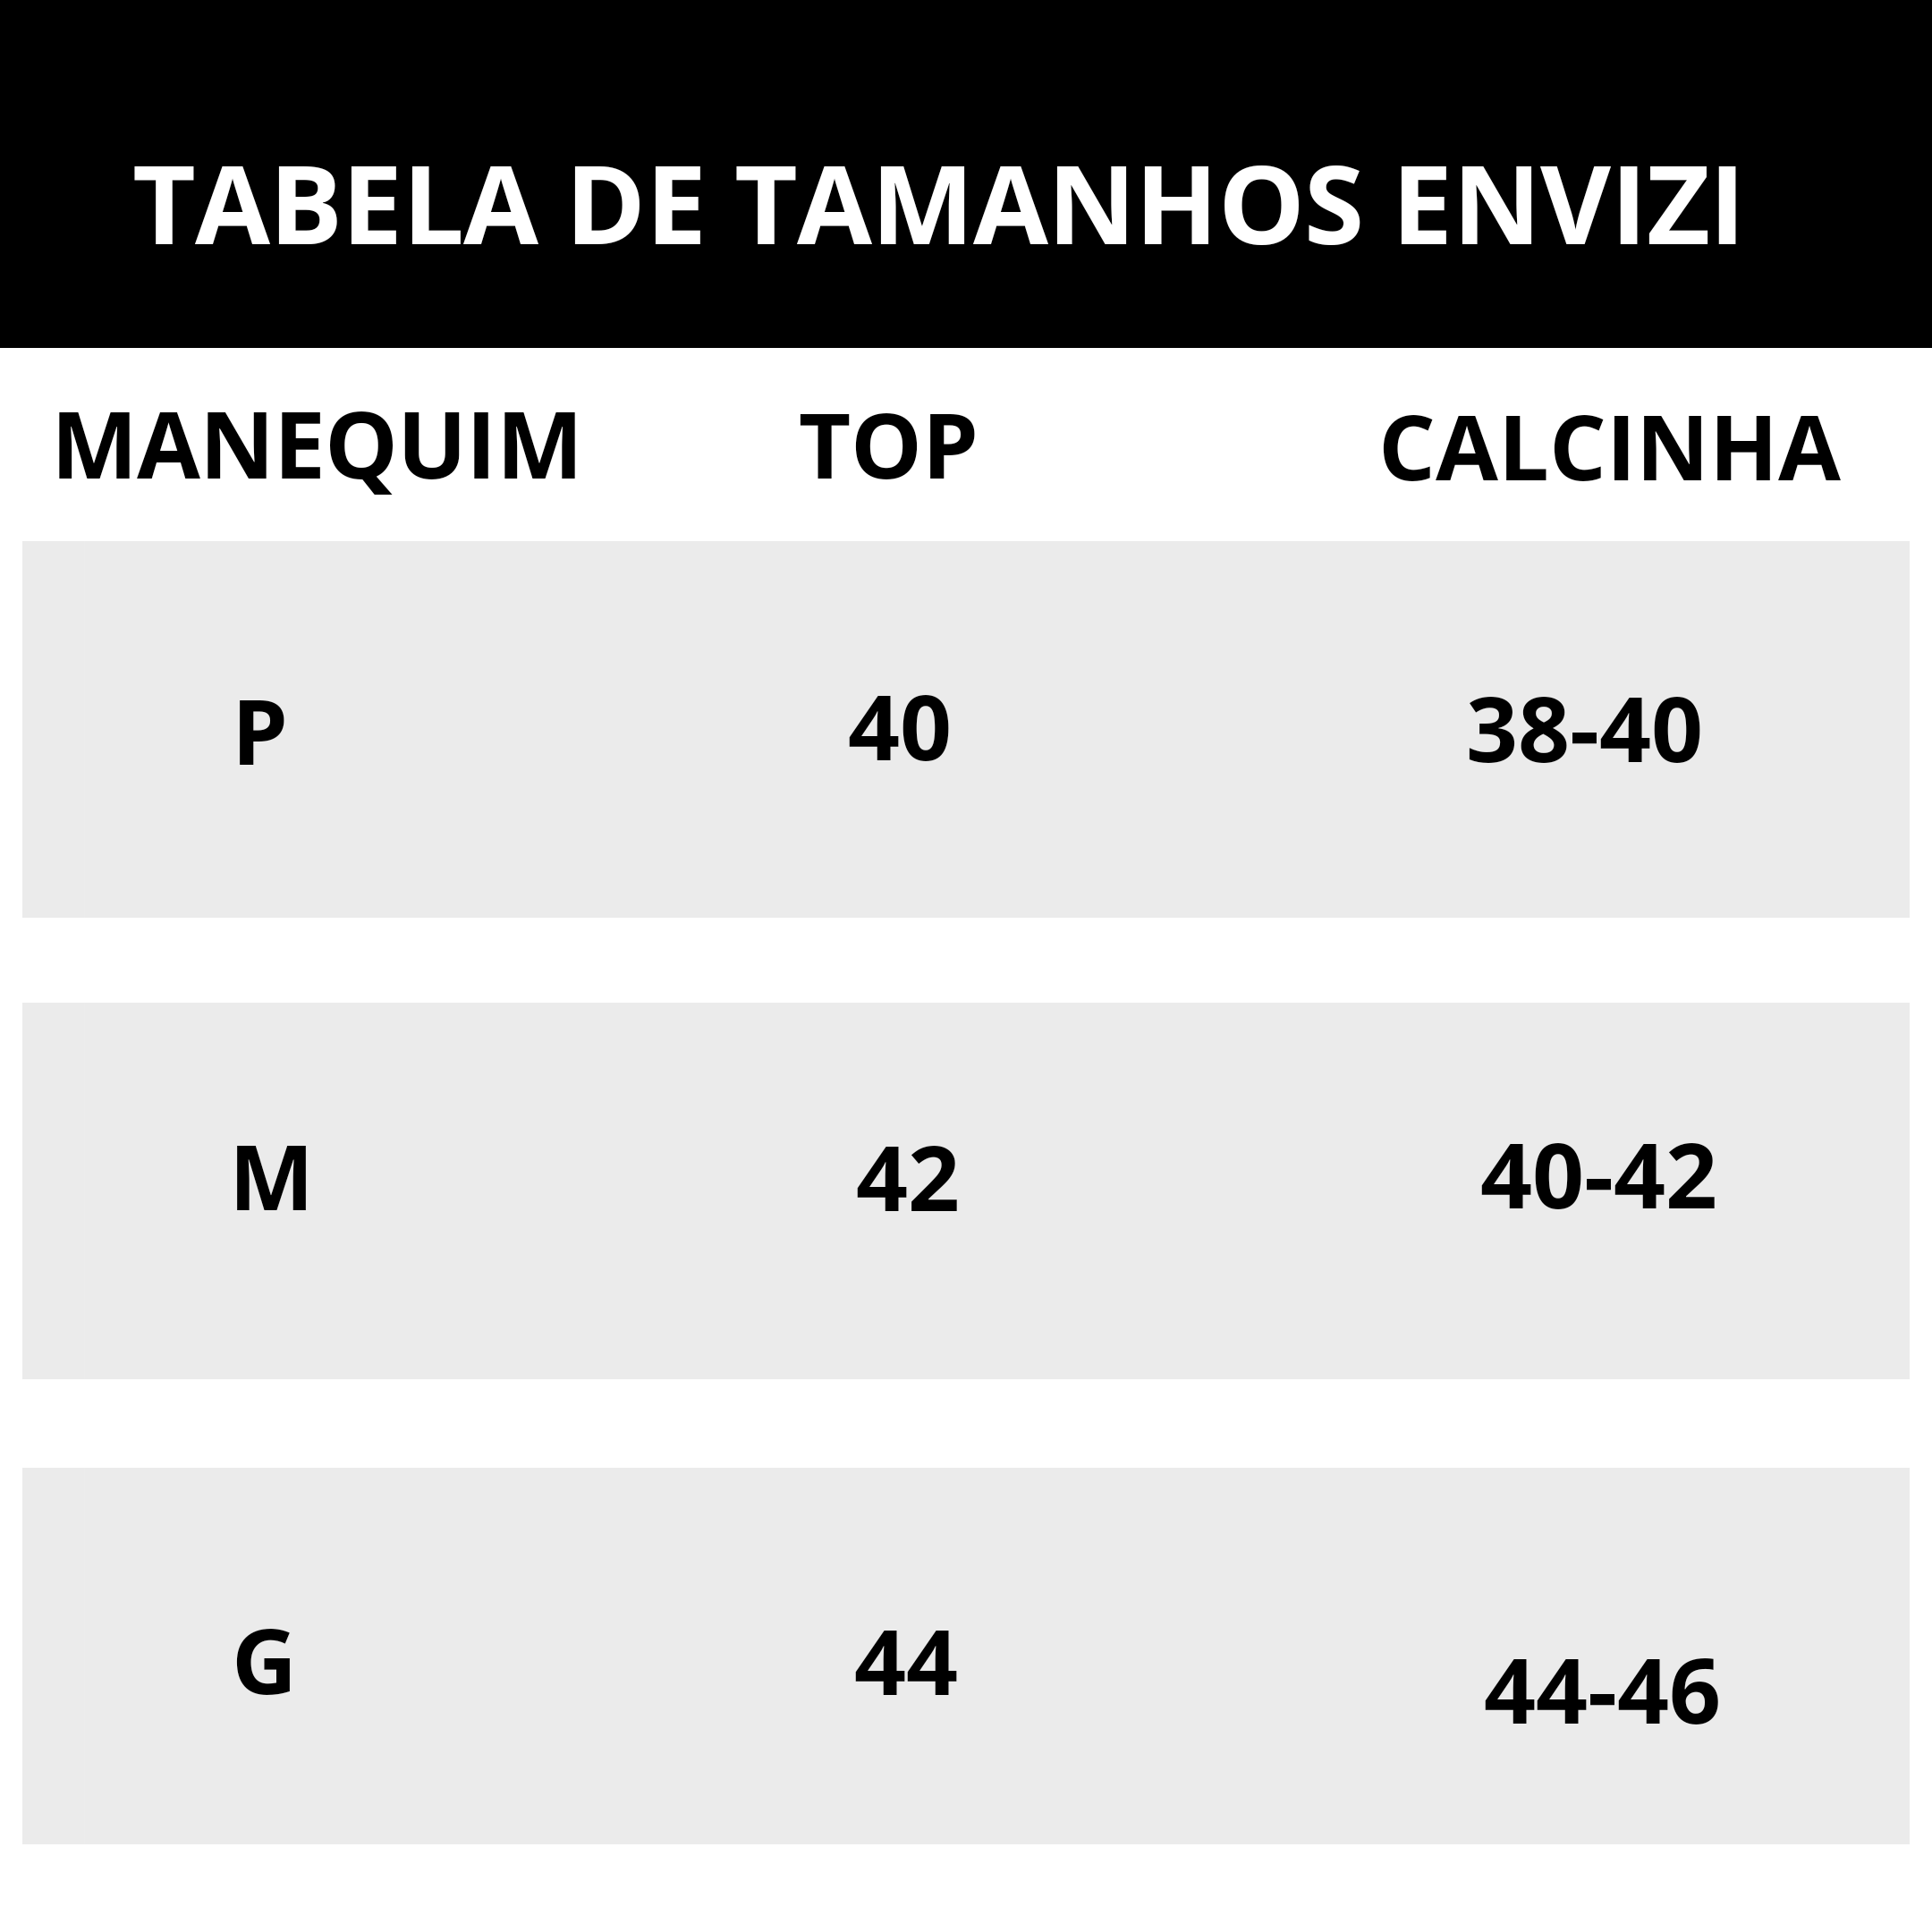 tabela de tamanhos do biquini asa delta envizi